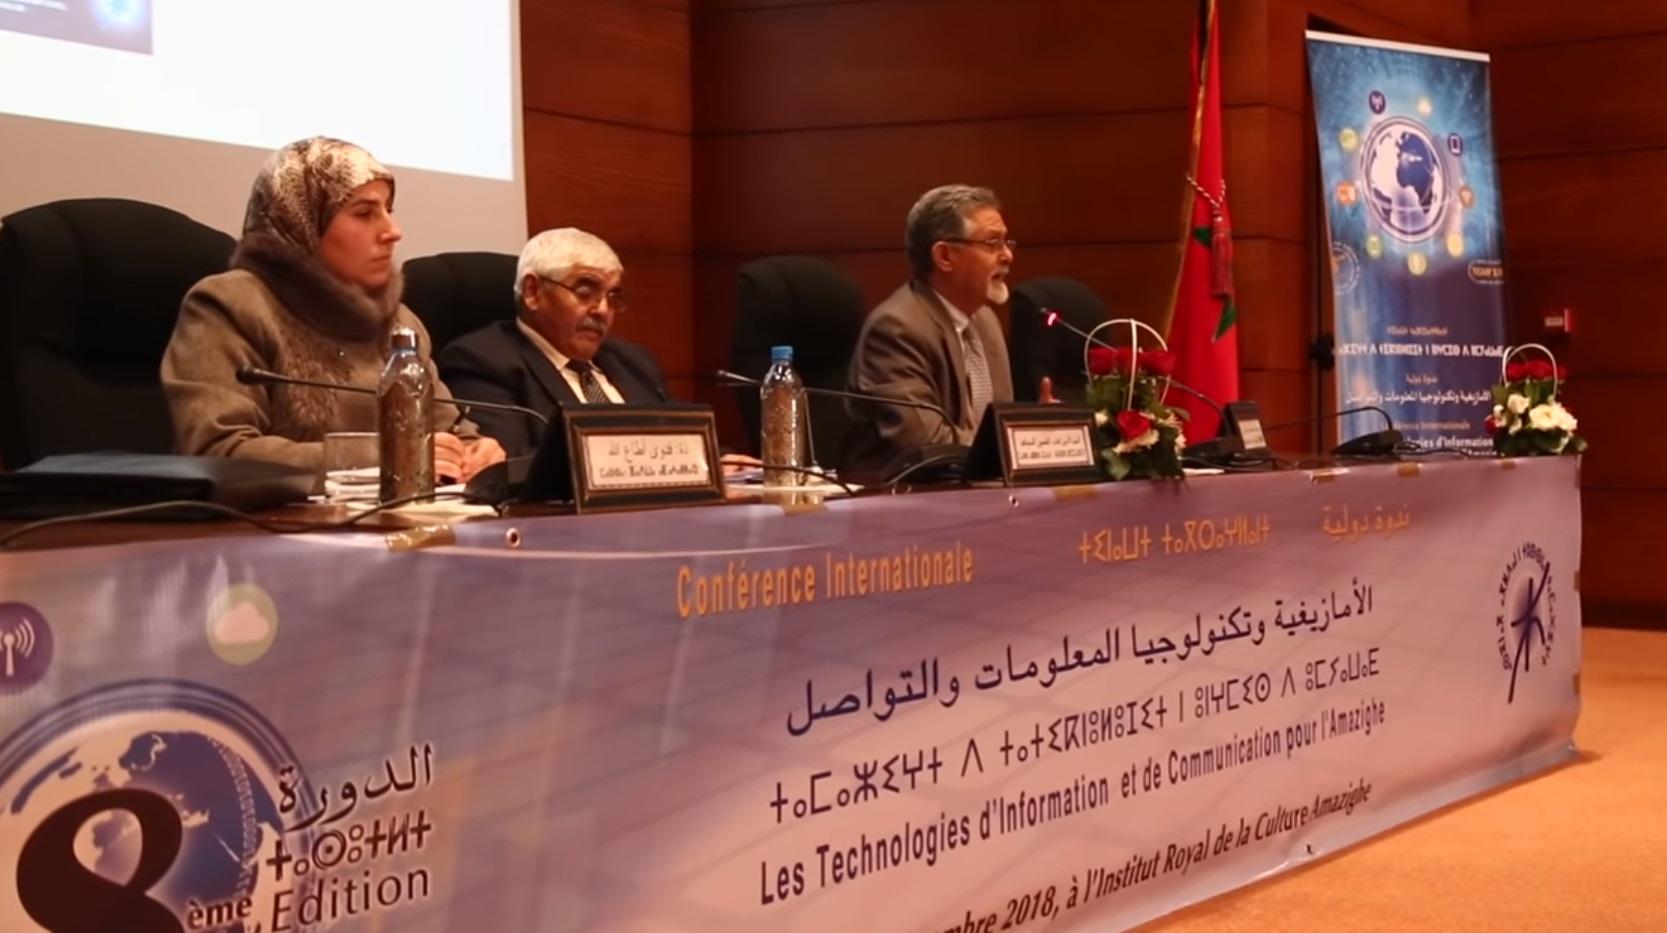 أكاديميون وباحثون يناقشون مستقبل إدماج اللغة الأمازيغية في المجال الرقمي